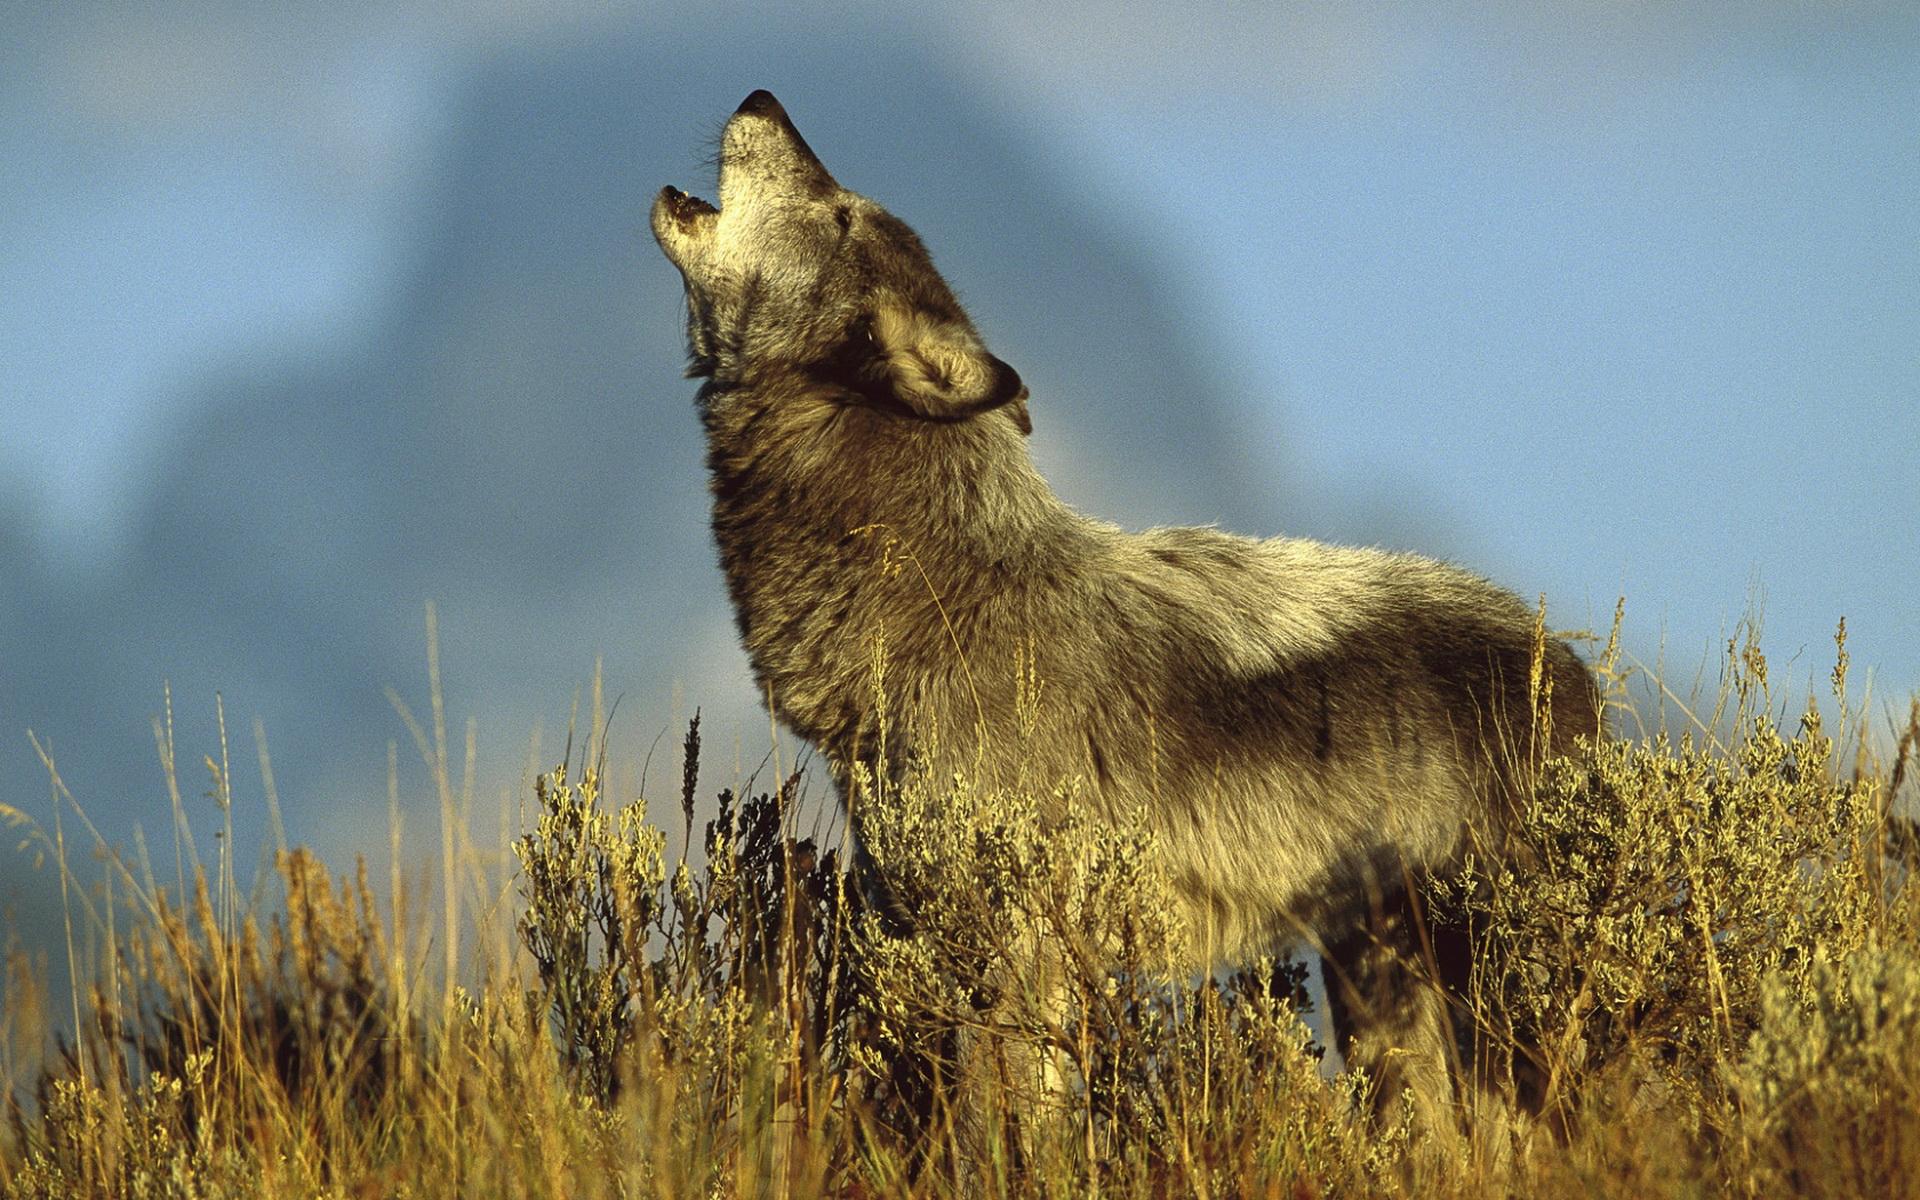 фото поющего волка начинают задаваться волнующими